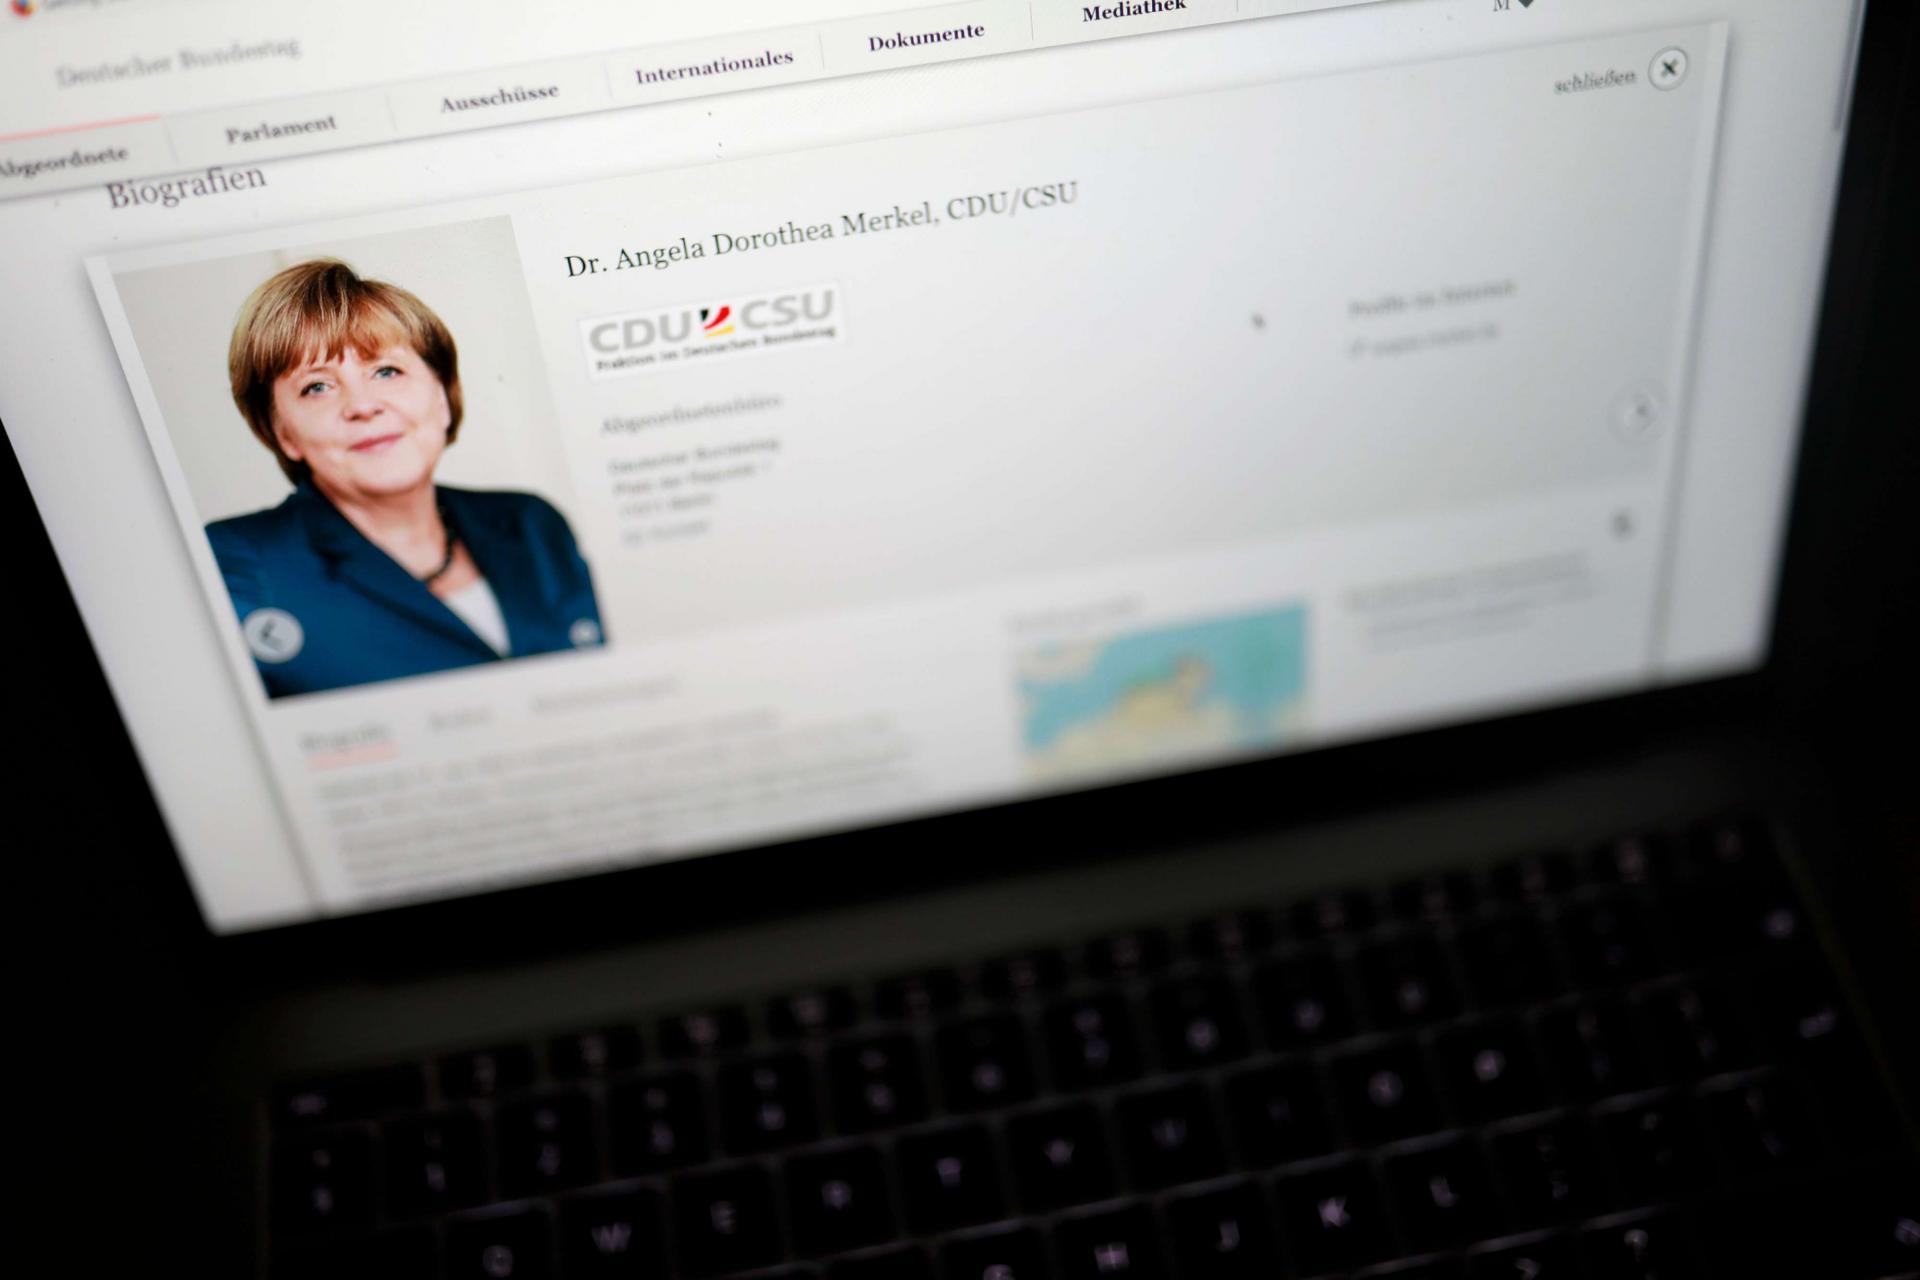 تسريب بيانات أعضاء البرلمان الألماني